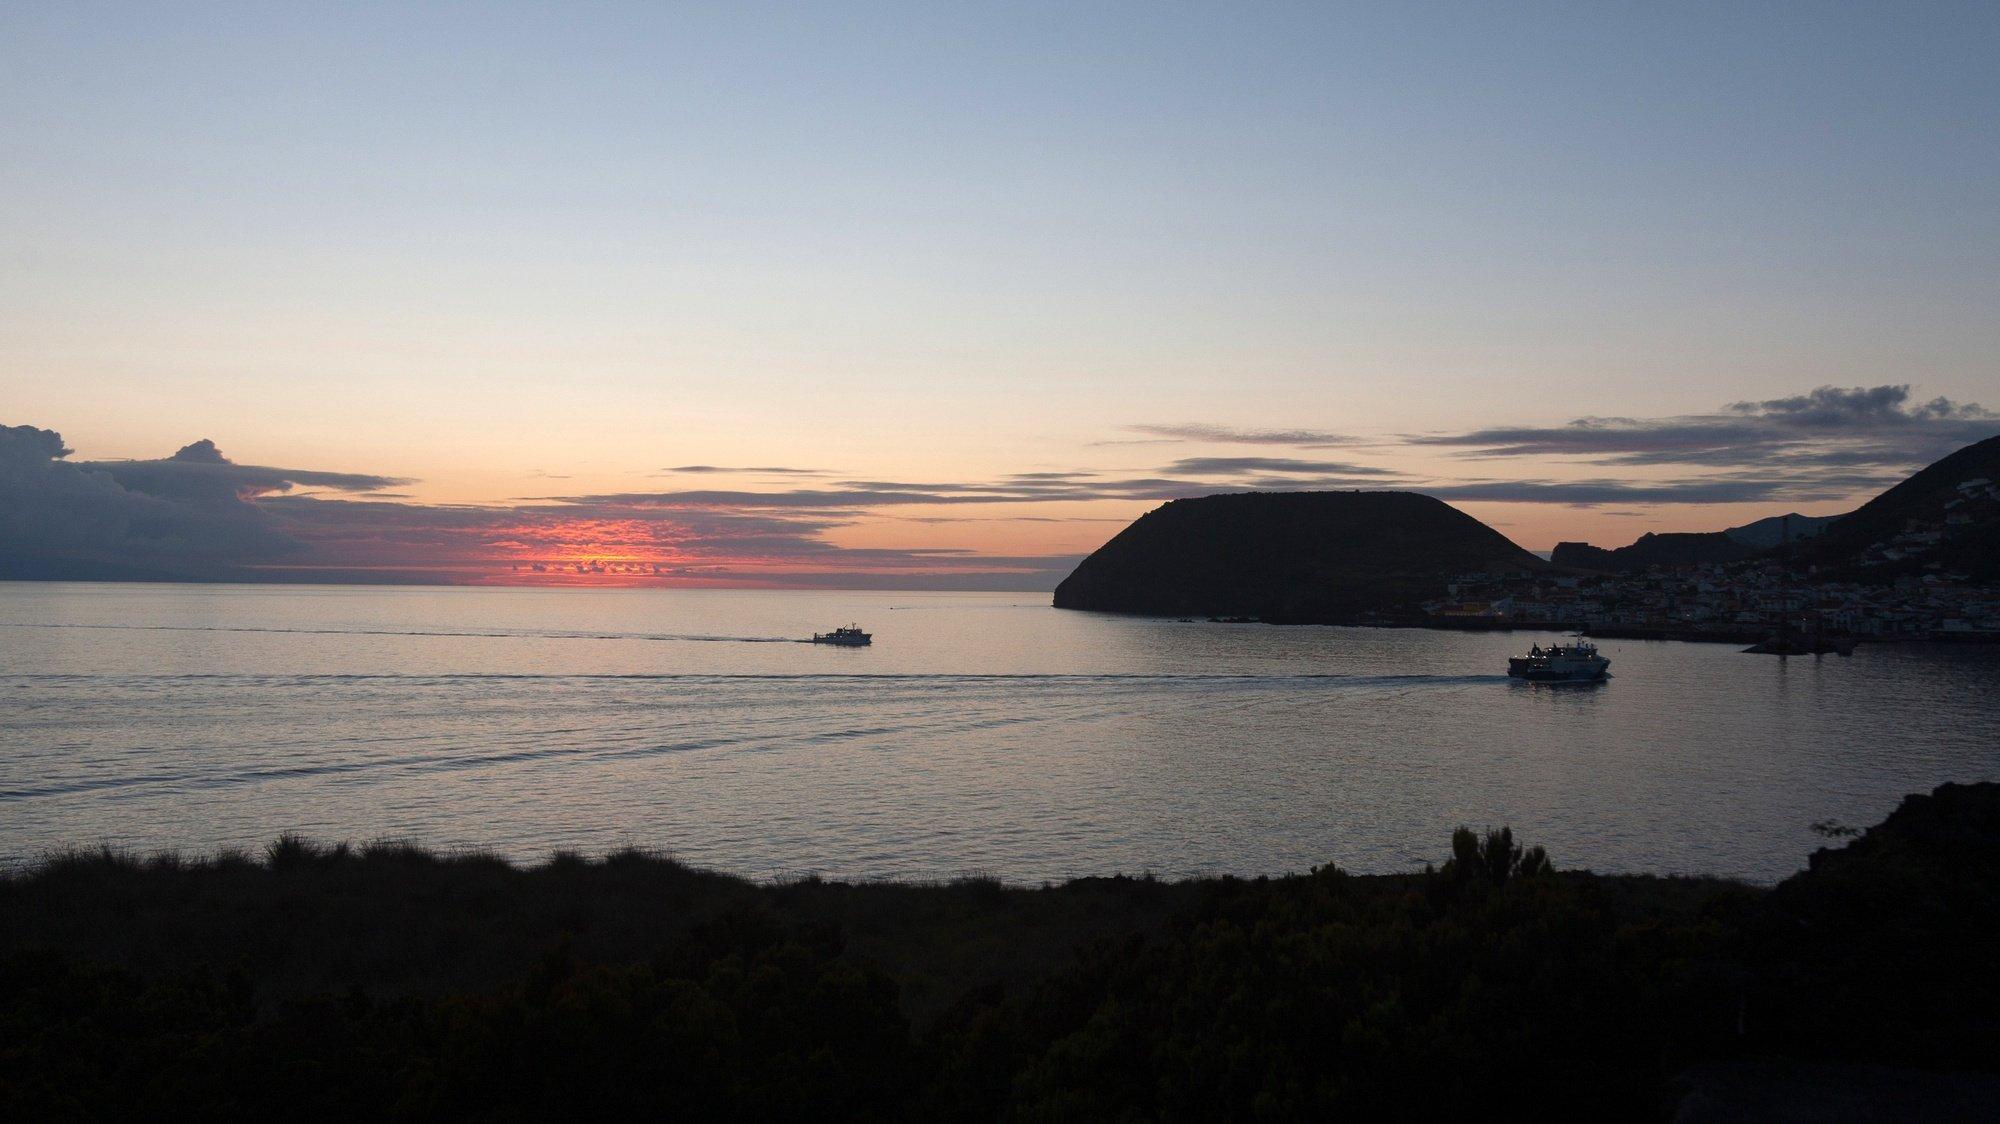 Vista geral de Vila de Velas, ilha de São Jorge, Açores, 15 de Setembro de 2017. Lado sul da ilha em cima freguesia dos Rosais. EDUARDO COSTA / LUSA